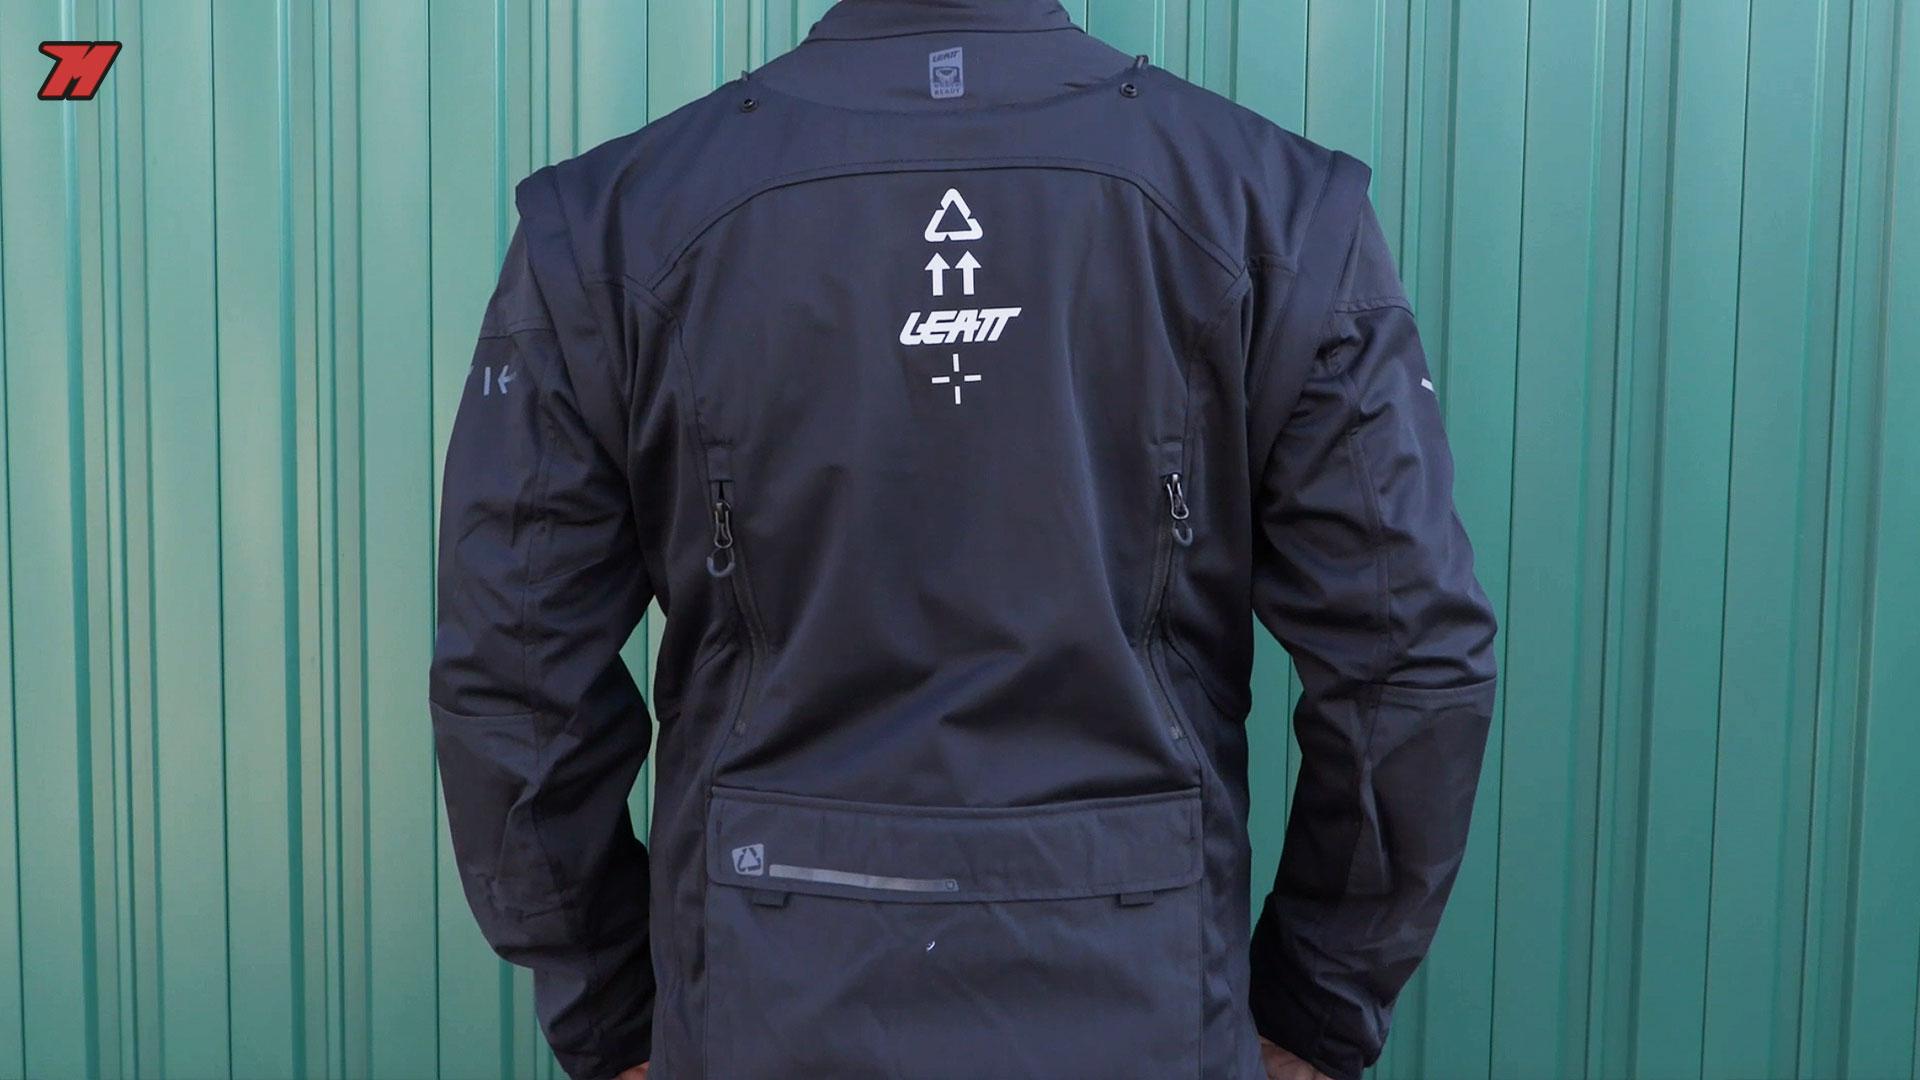 chaqueta Leatt enduro